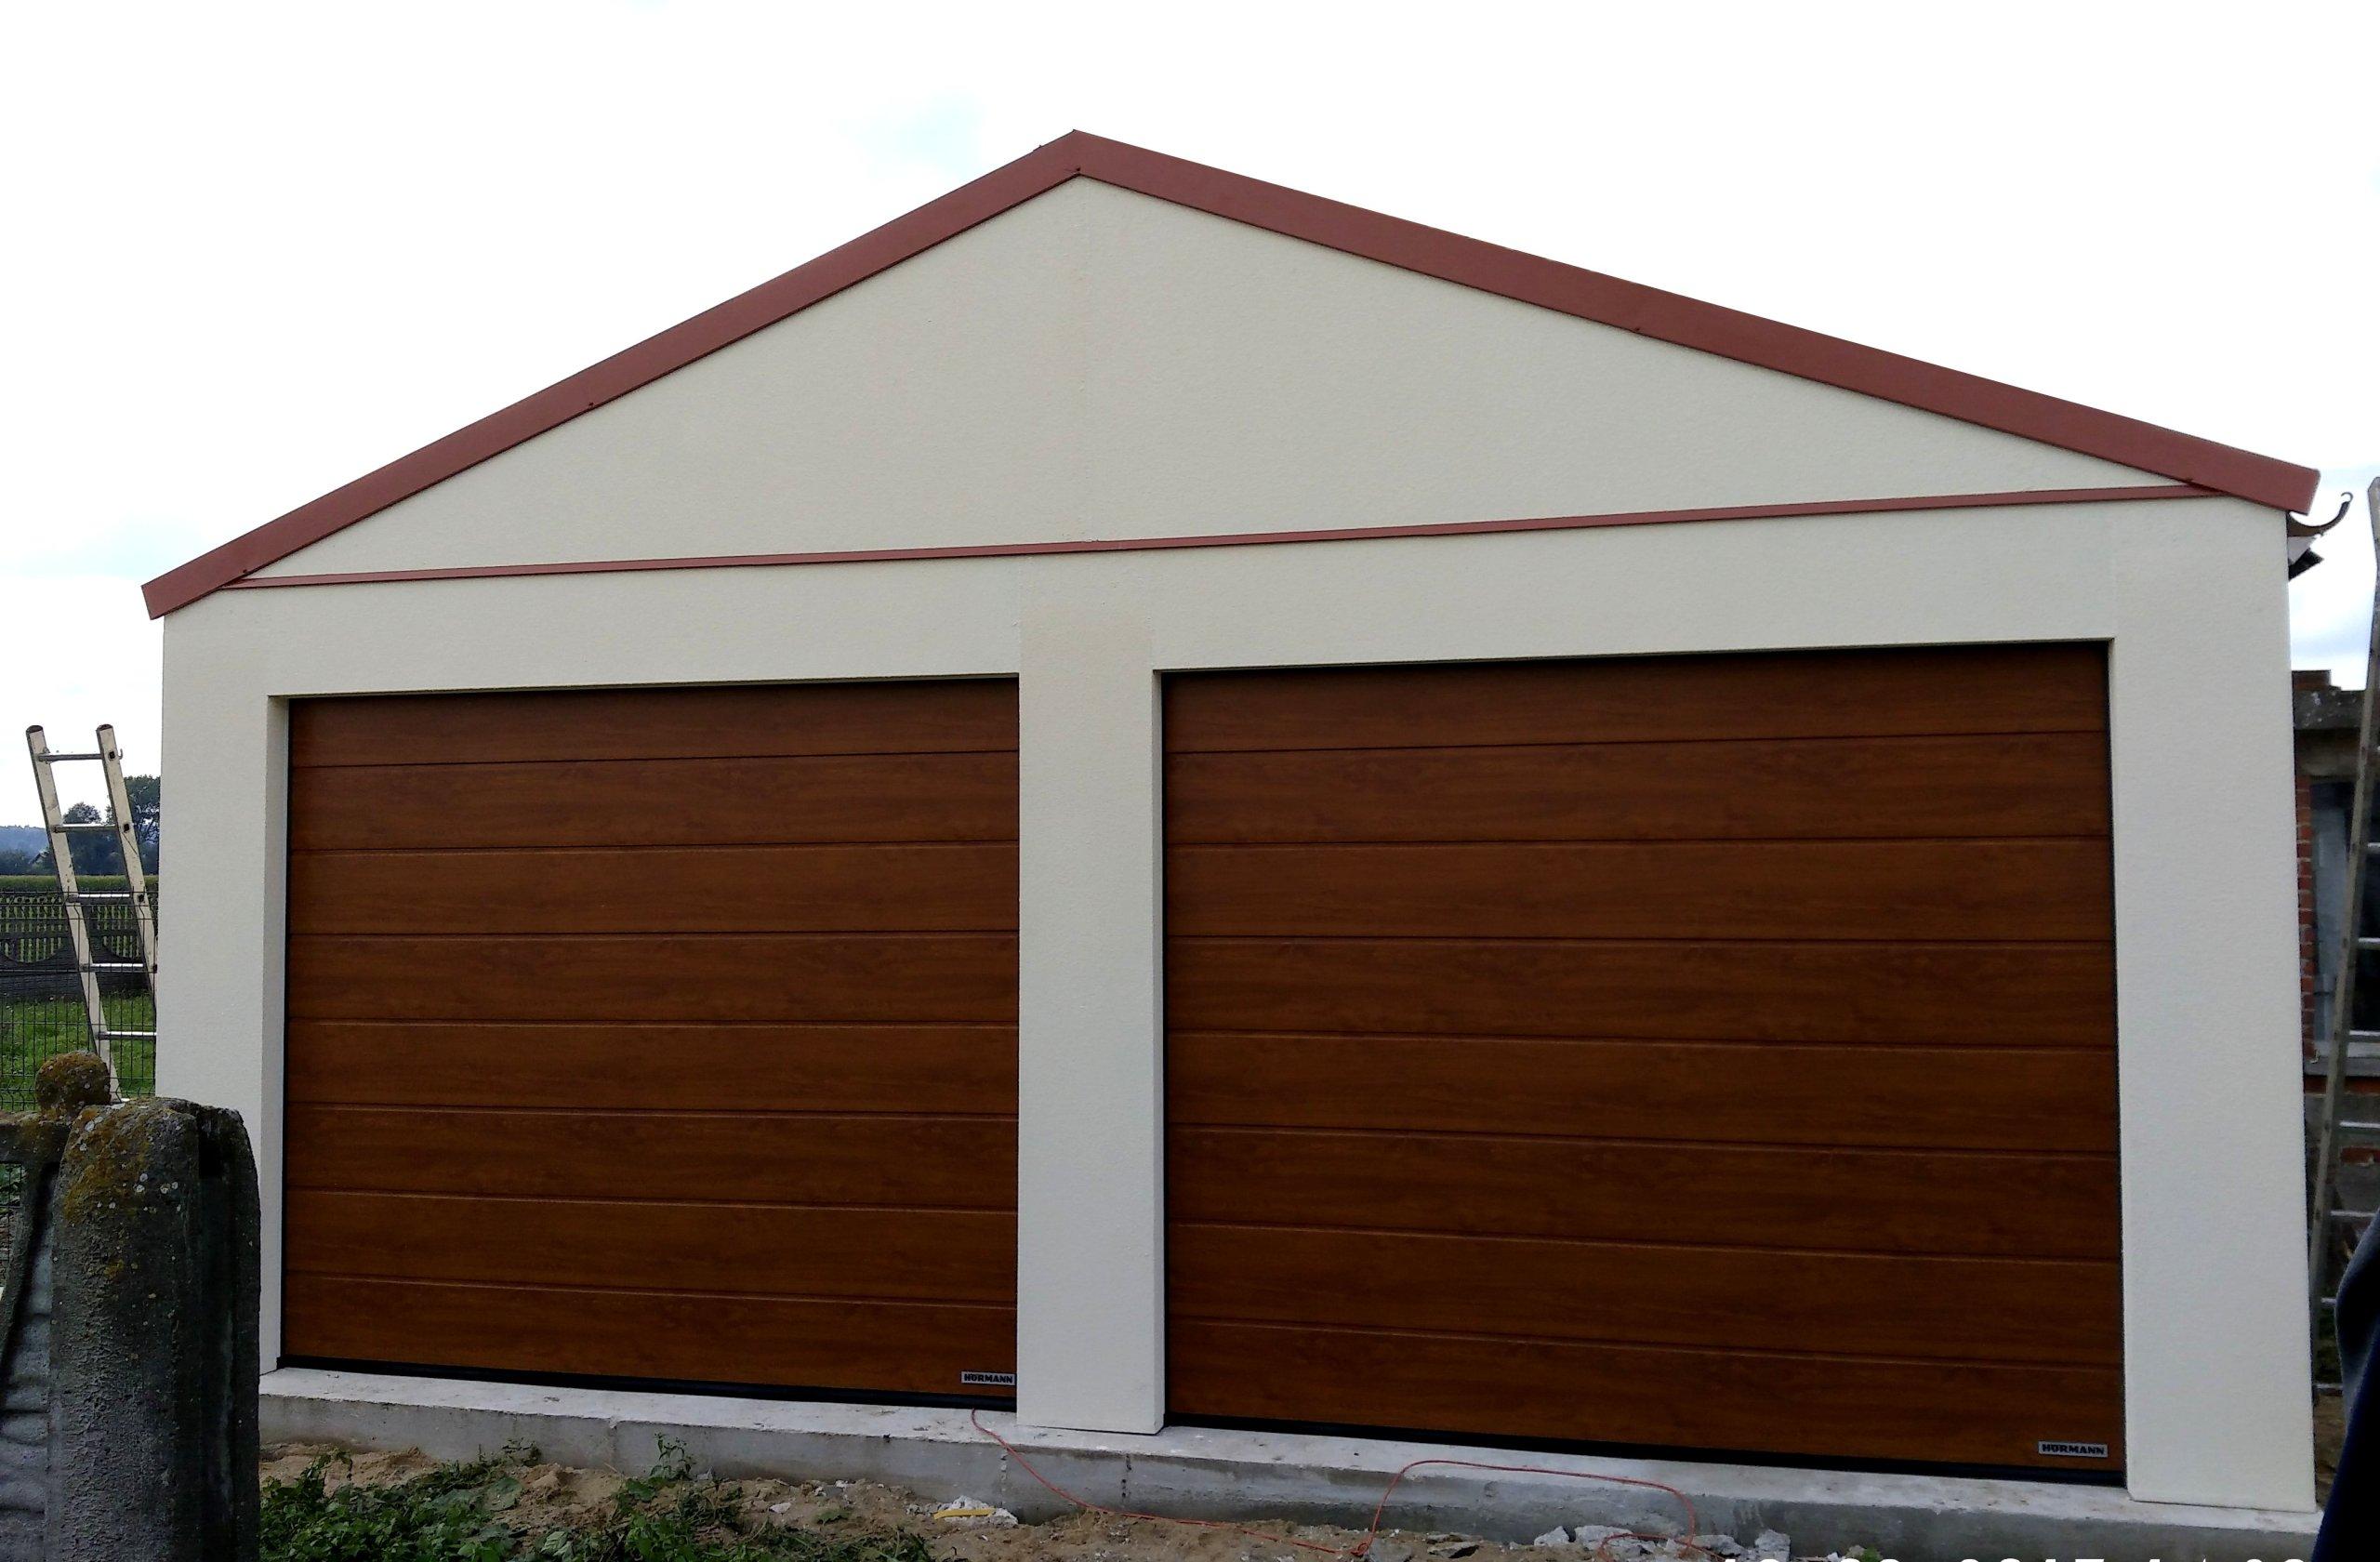 Garaż 35m2 Tynkowany Ocieplany 2 Auta Roanbudpl 7359539799